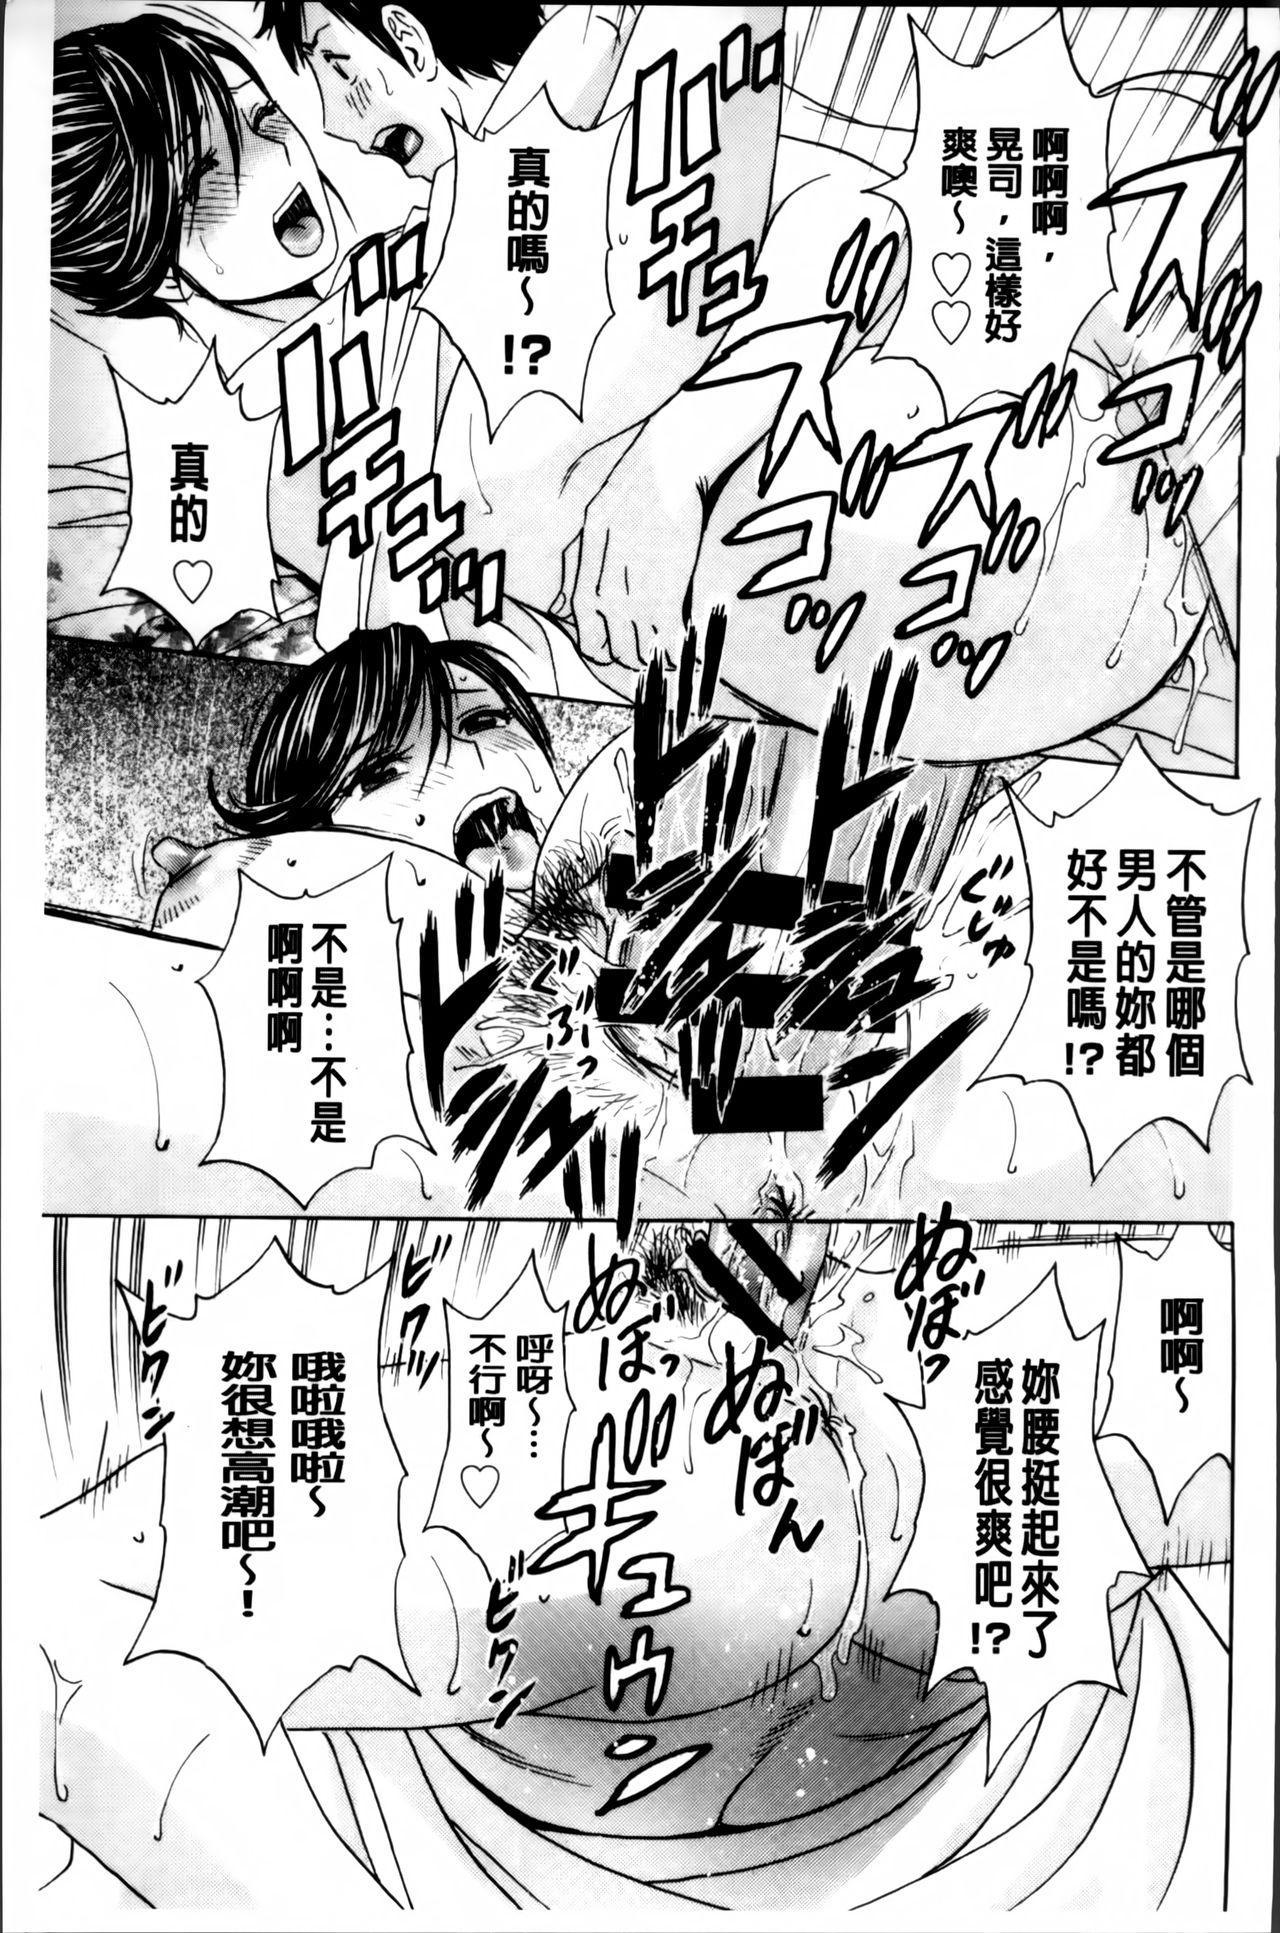 Midara Shimai Asobi 137